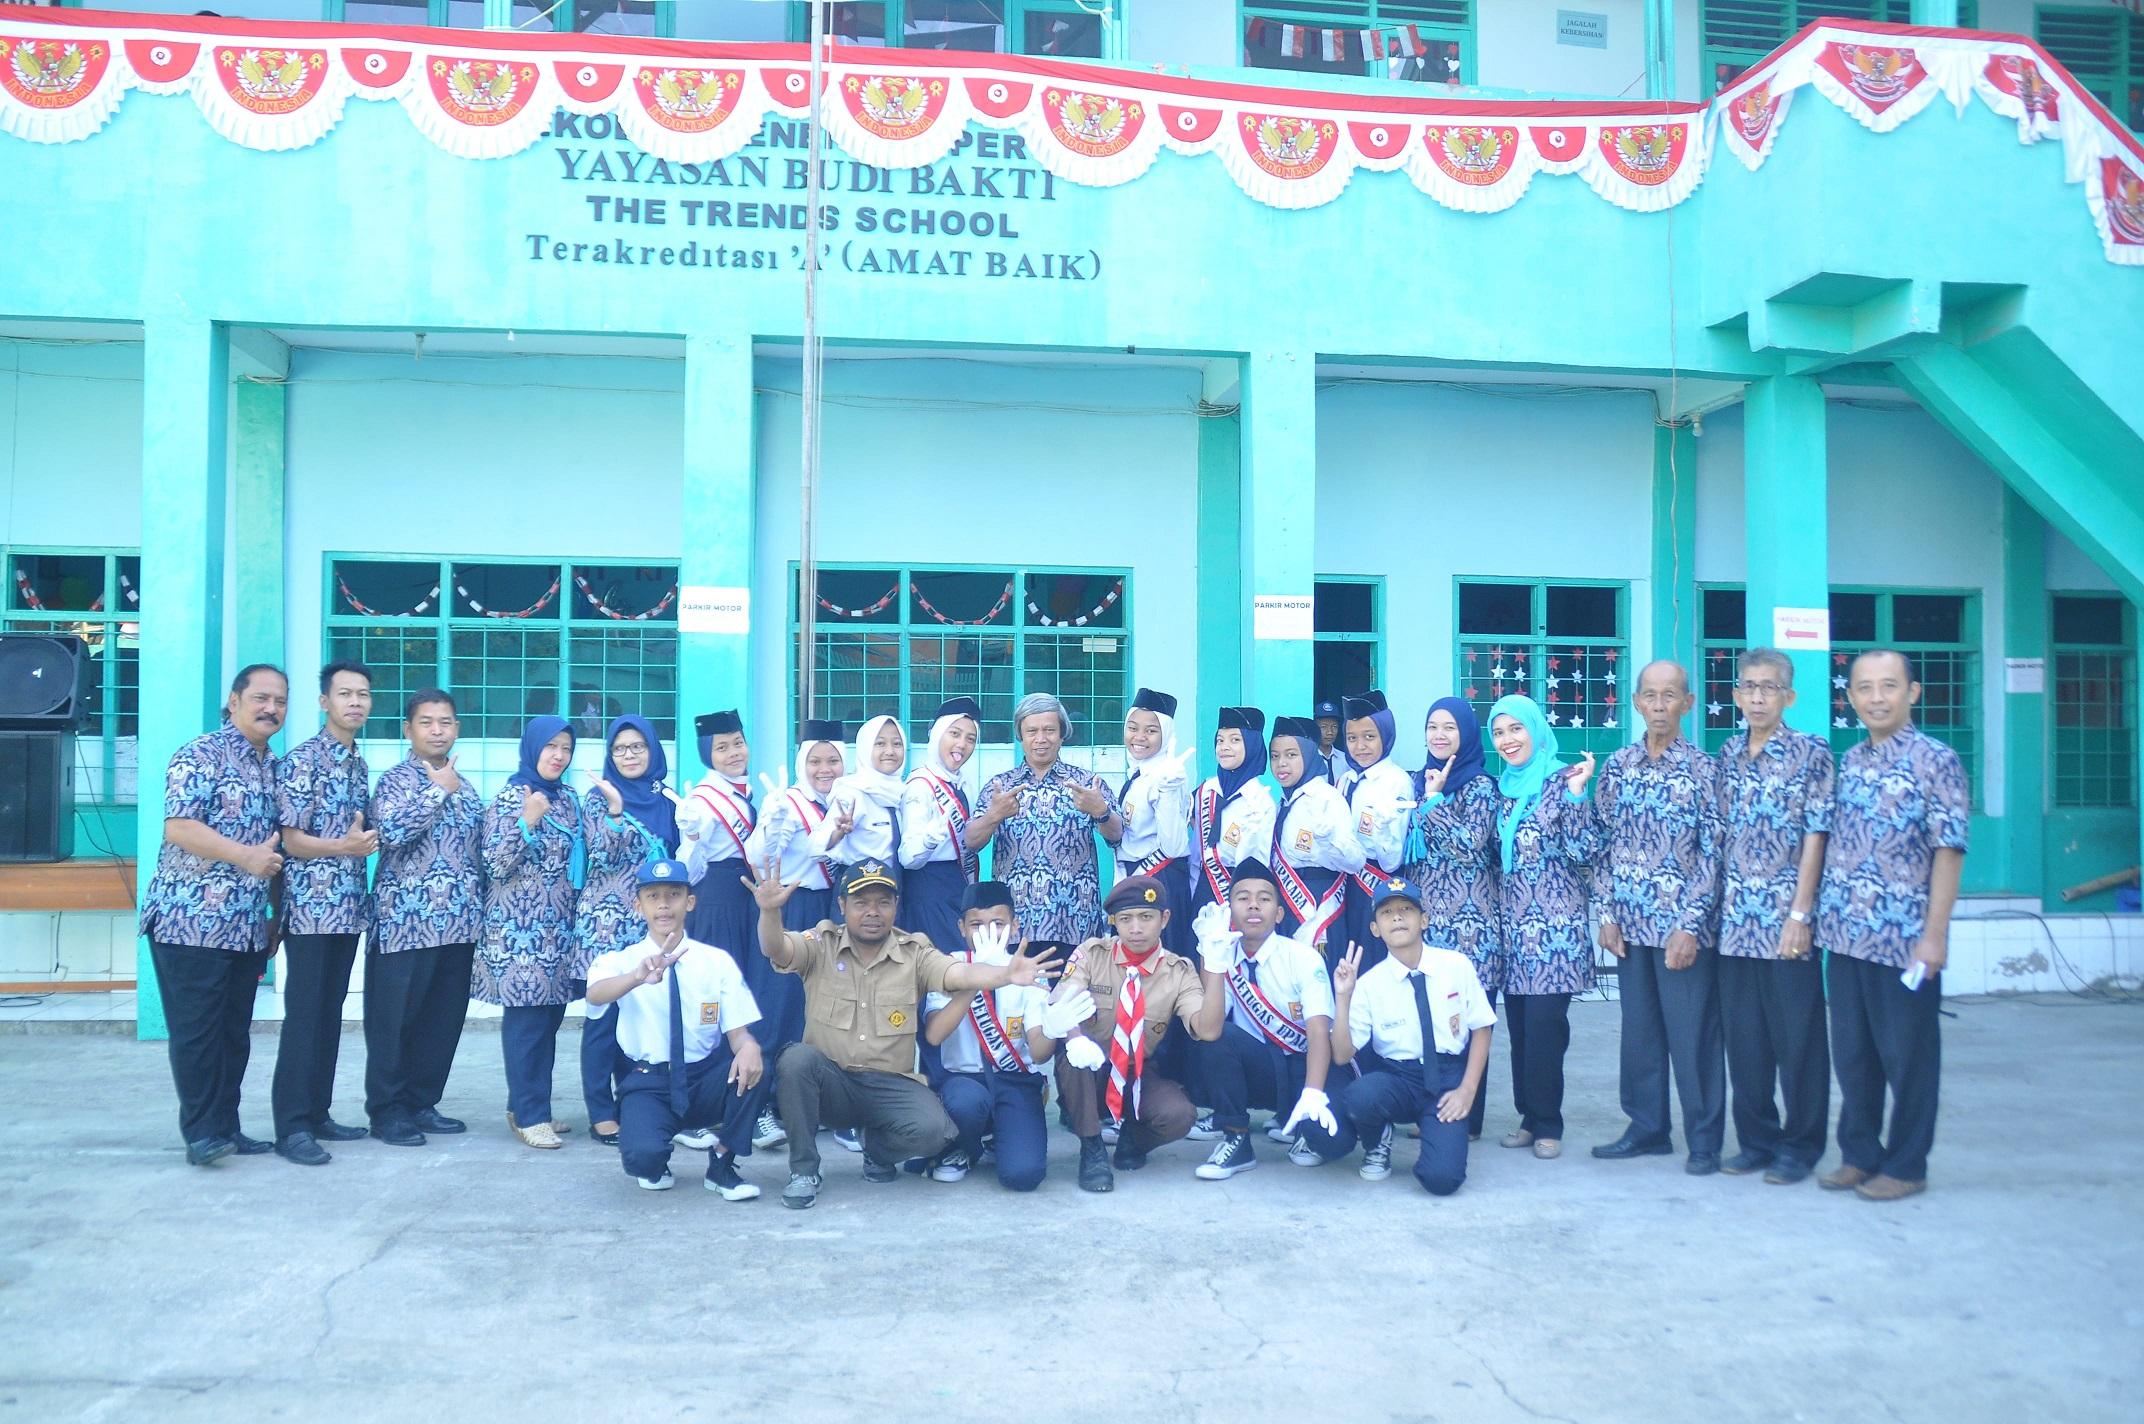 pasukan pengibar bendera berfoto dengan guru dan staff smp budi bakti